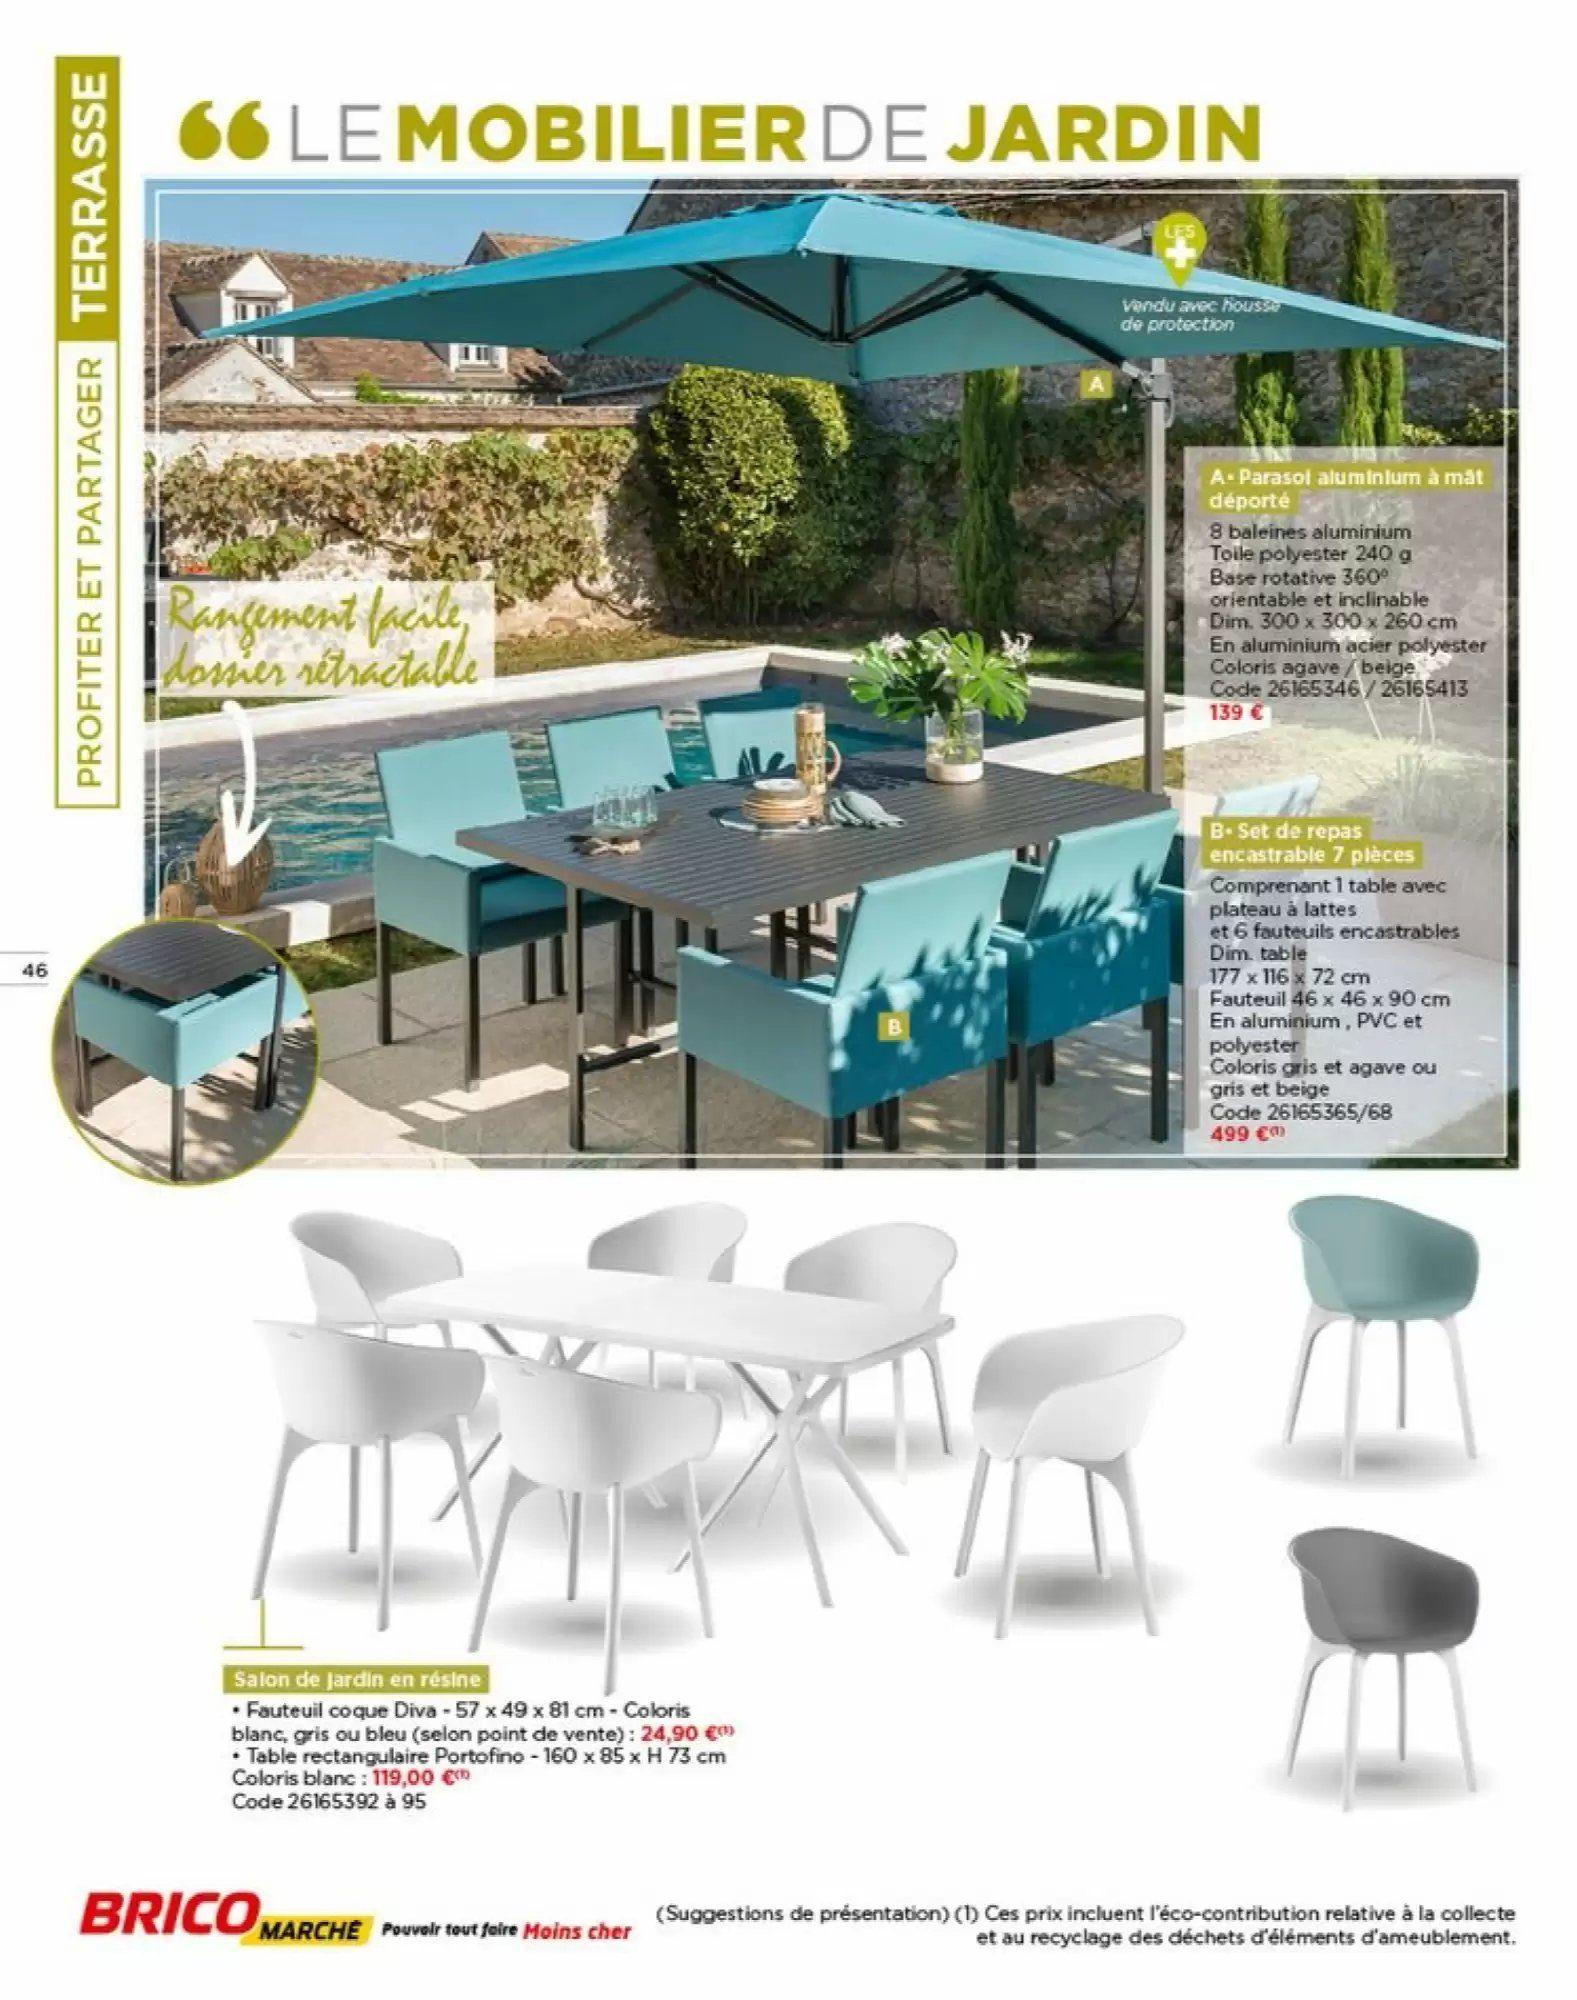 Table En Resine Tressée Charmant Stunning Salon De Jardin Plastique Bri Arche Gallery Of 37 Best Of Table En Resine Tressée